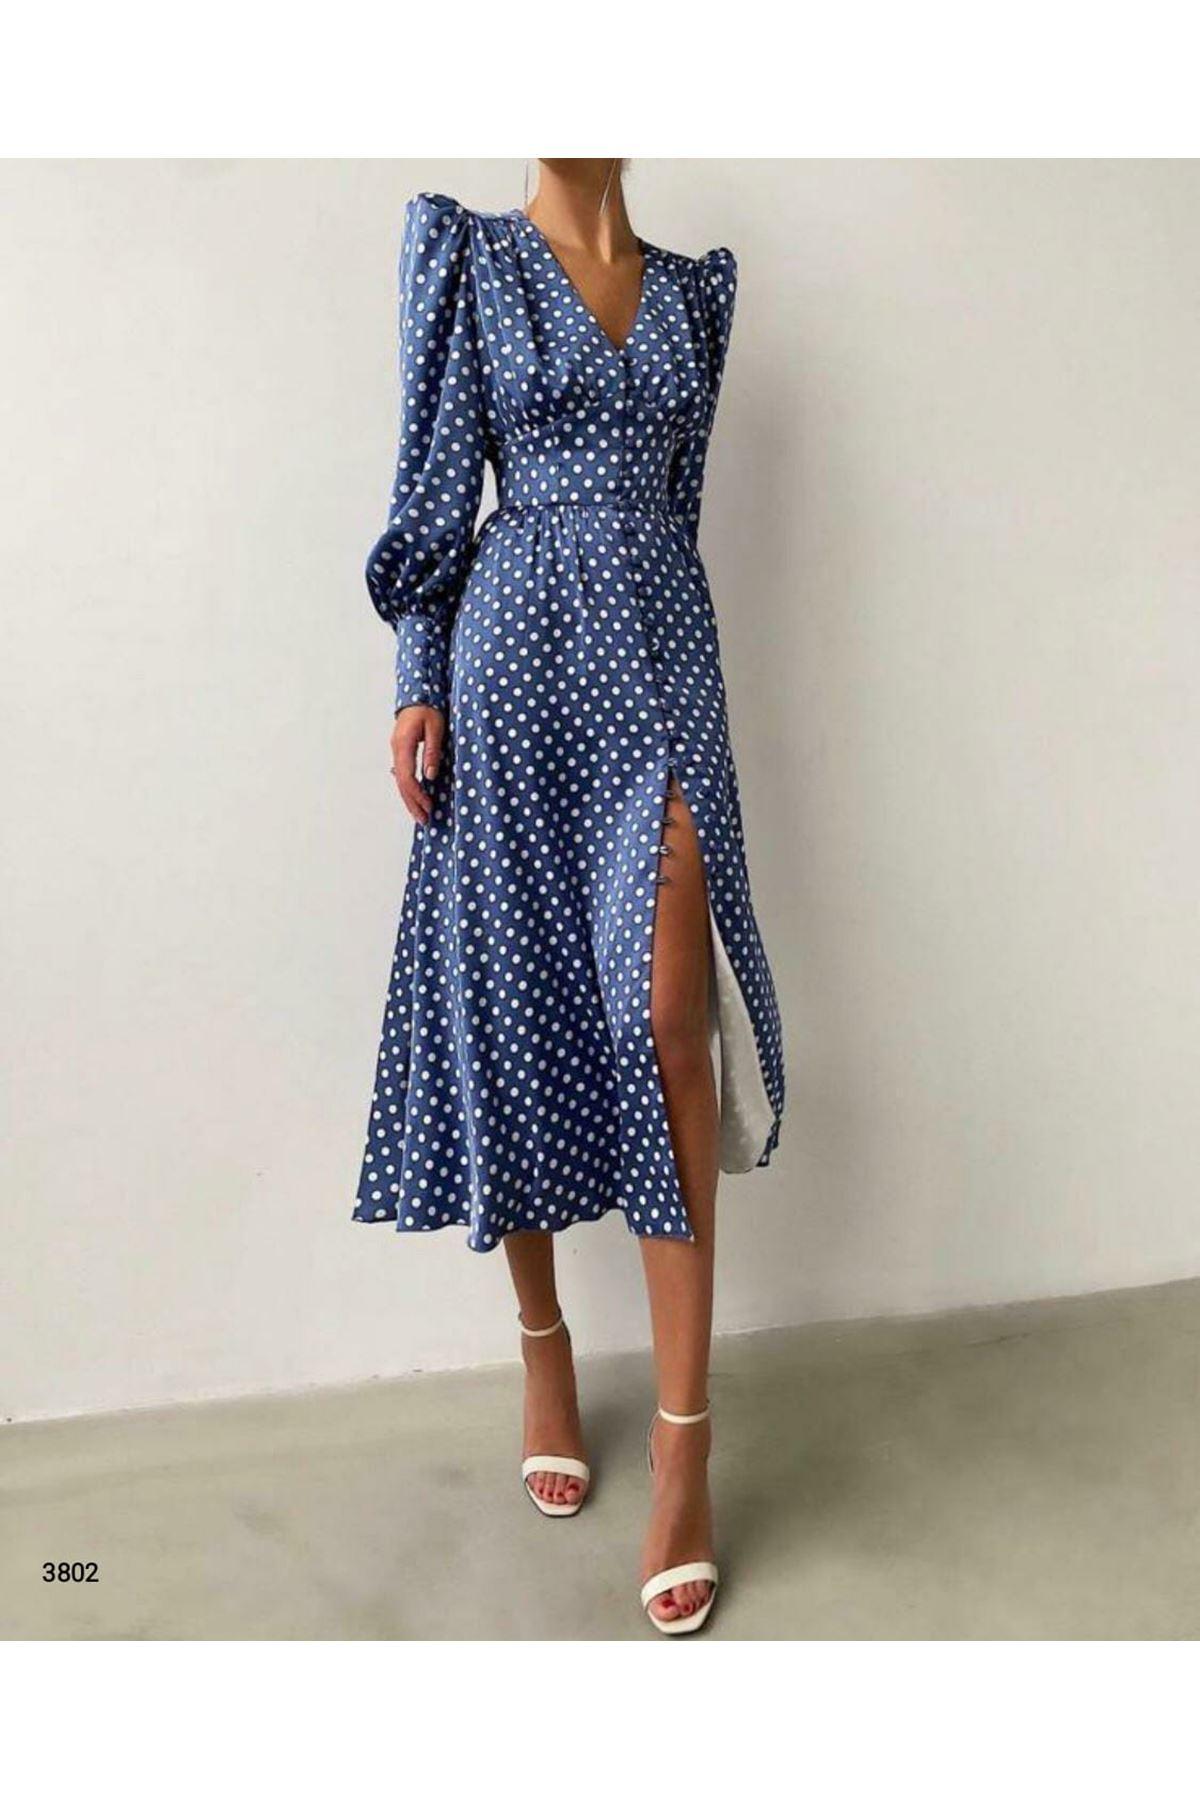 Puan Desen Saten Elbise - mavi